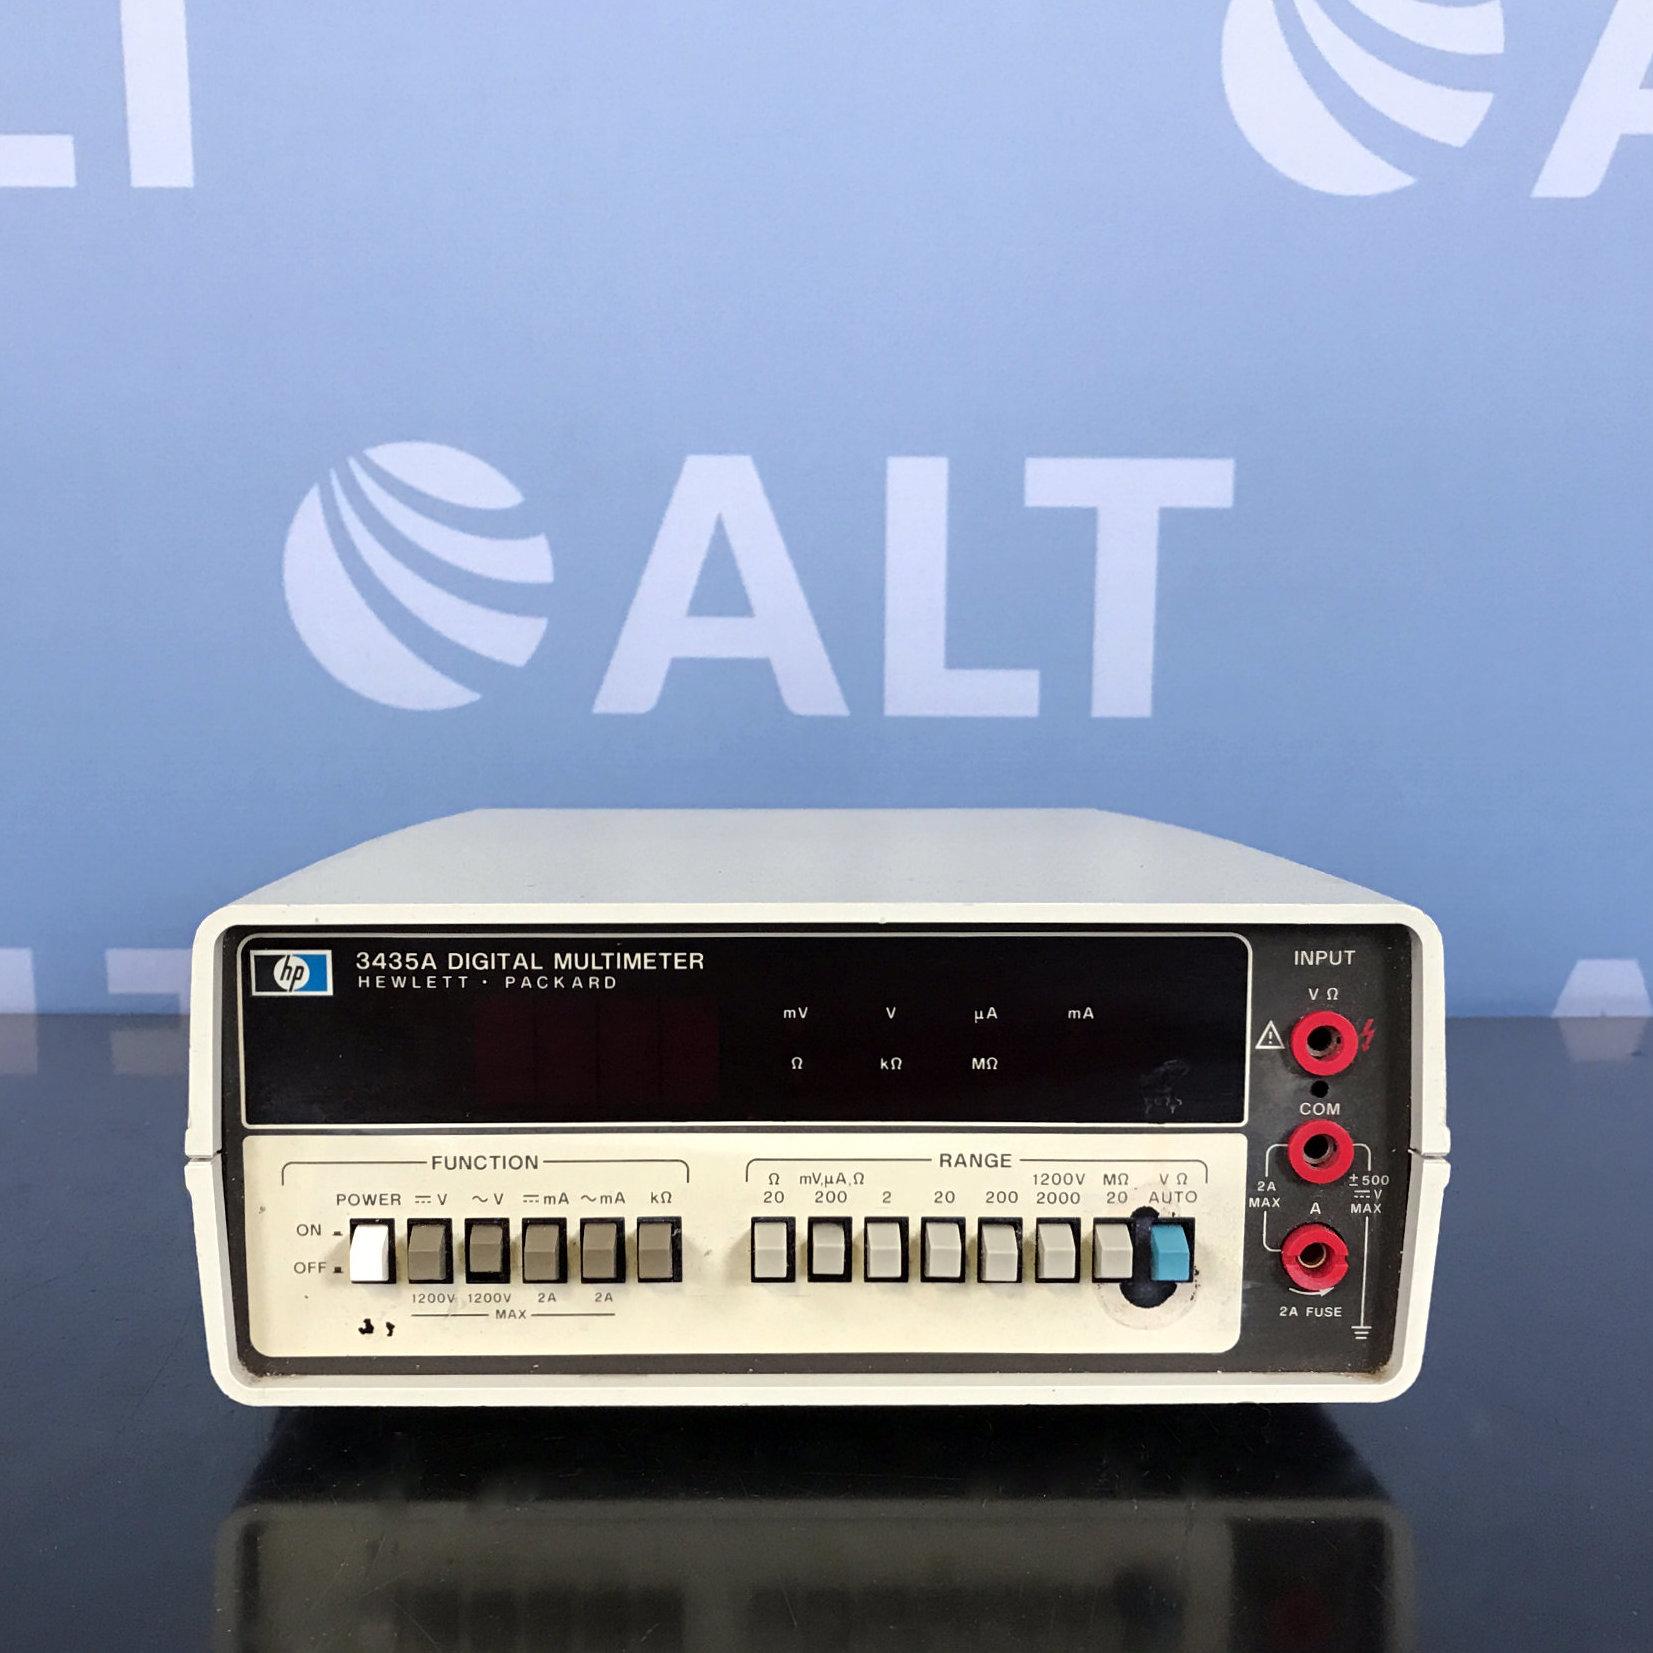 Hewlett Packard 3435A Digital Multimeter Image